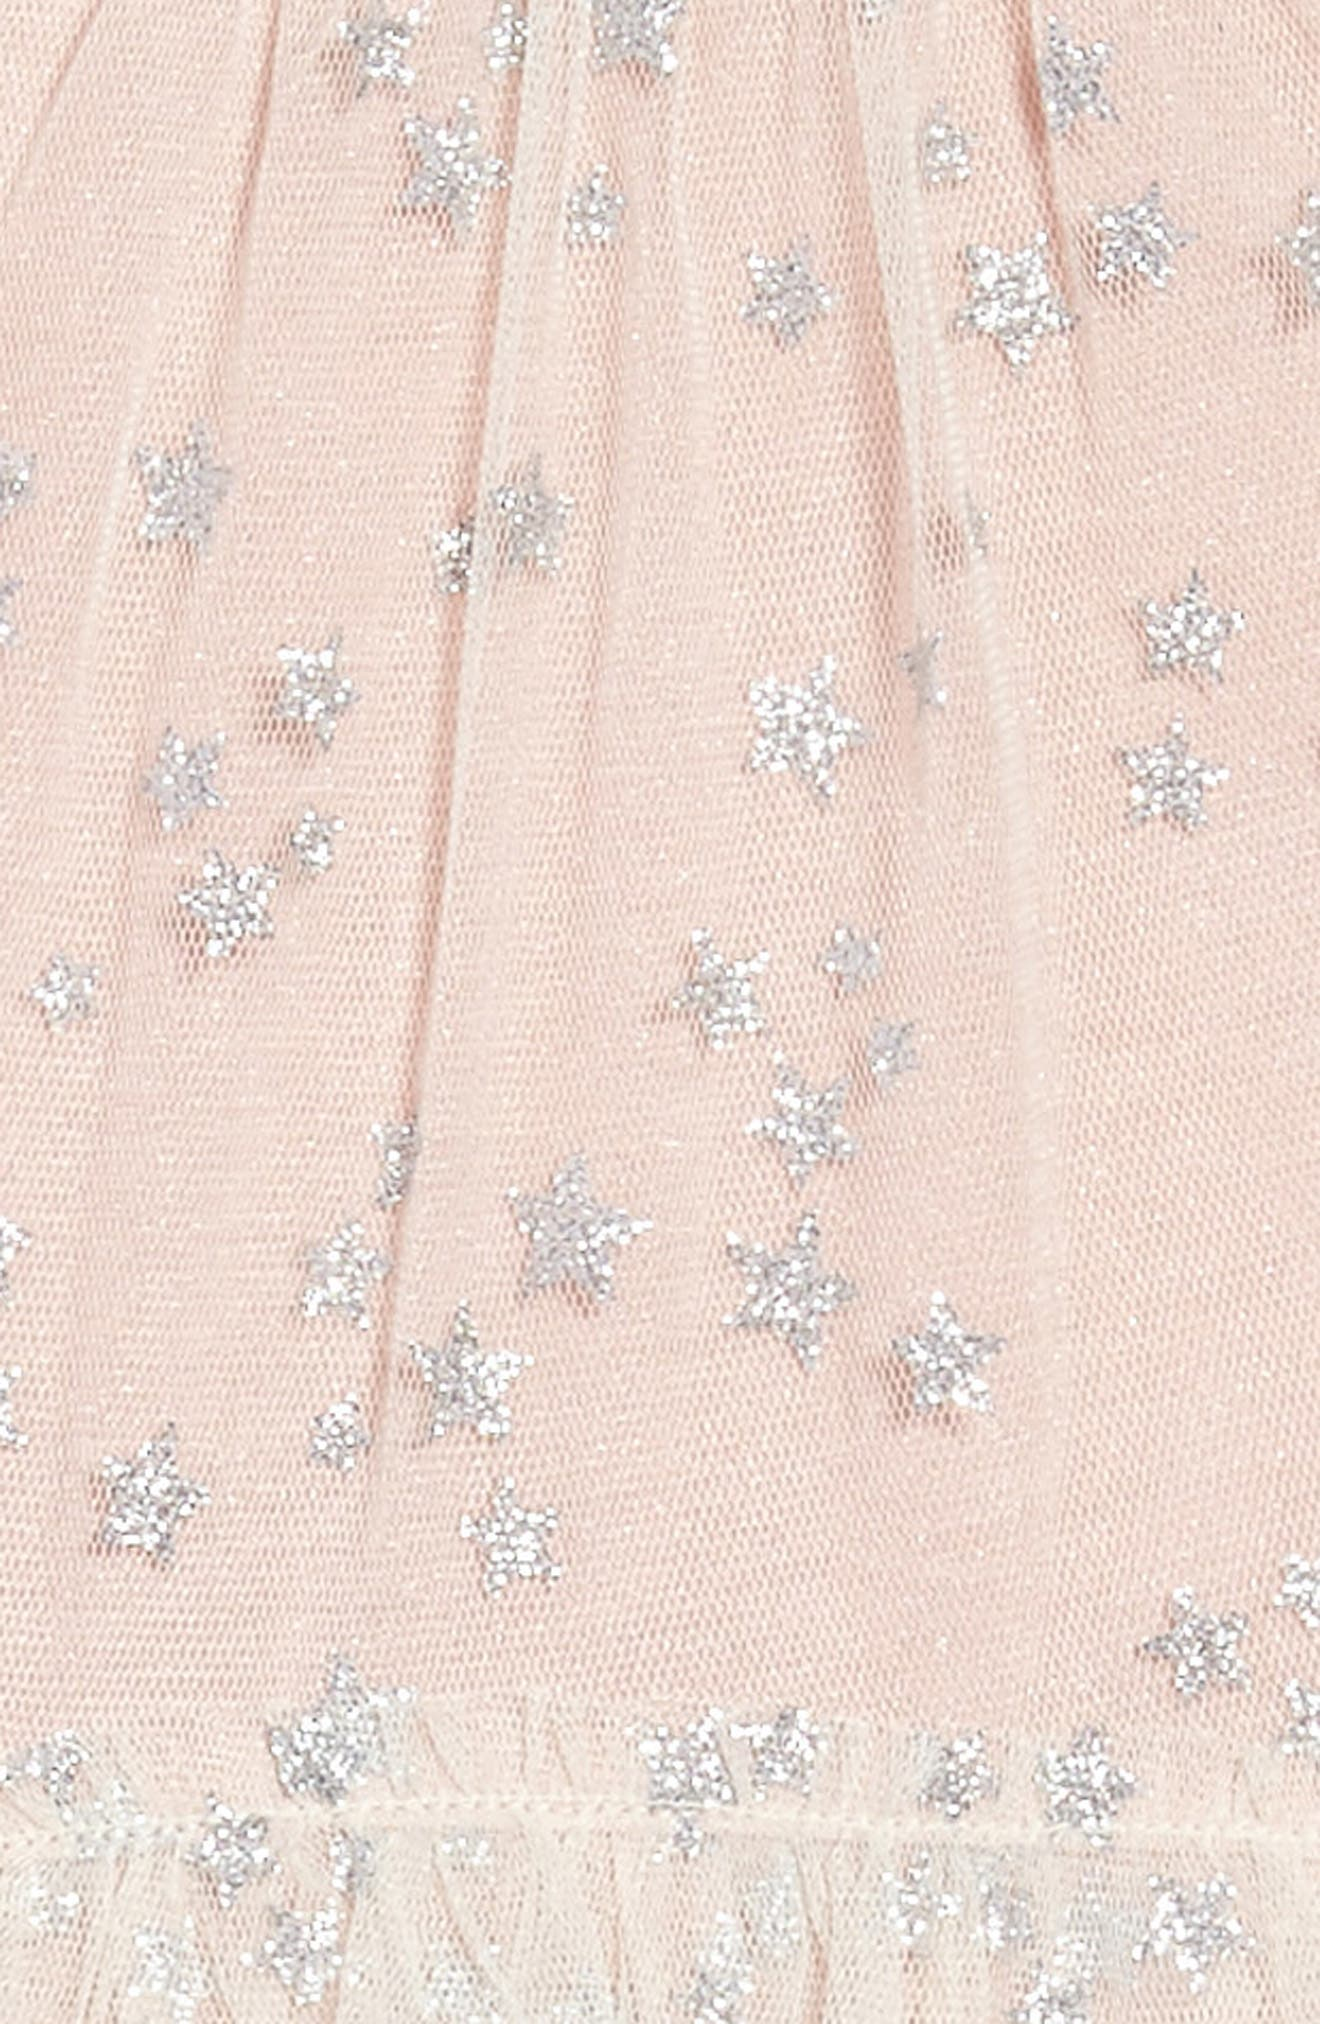 Alternate Image 3  - Truly Me Mesh Star Dress (Toddler Girls & Little Girls)